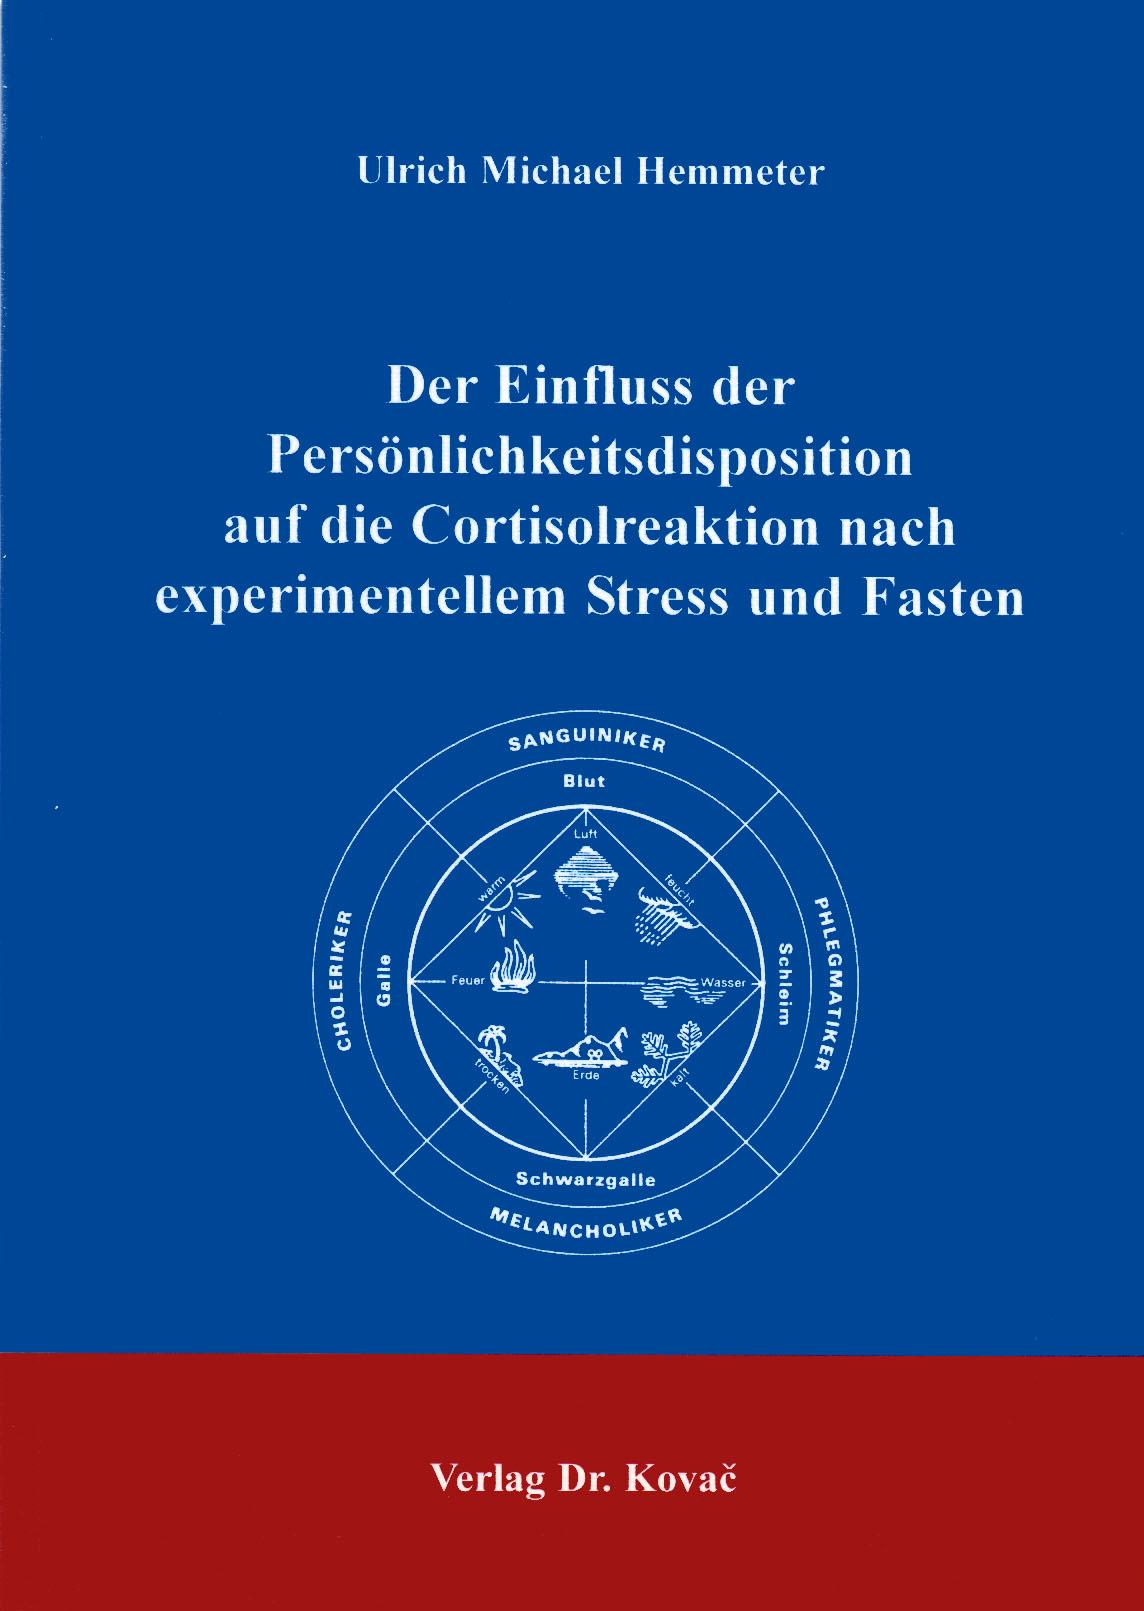 Cover: Der Einfluss der Persönlichkeitsdisposition auf die Cortisolreaktion nach experimentellem Stress und Fasten